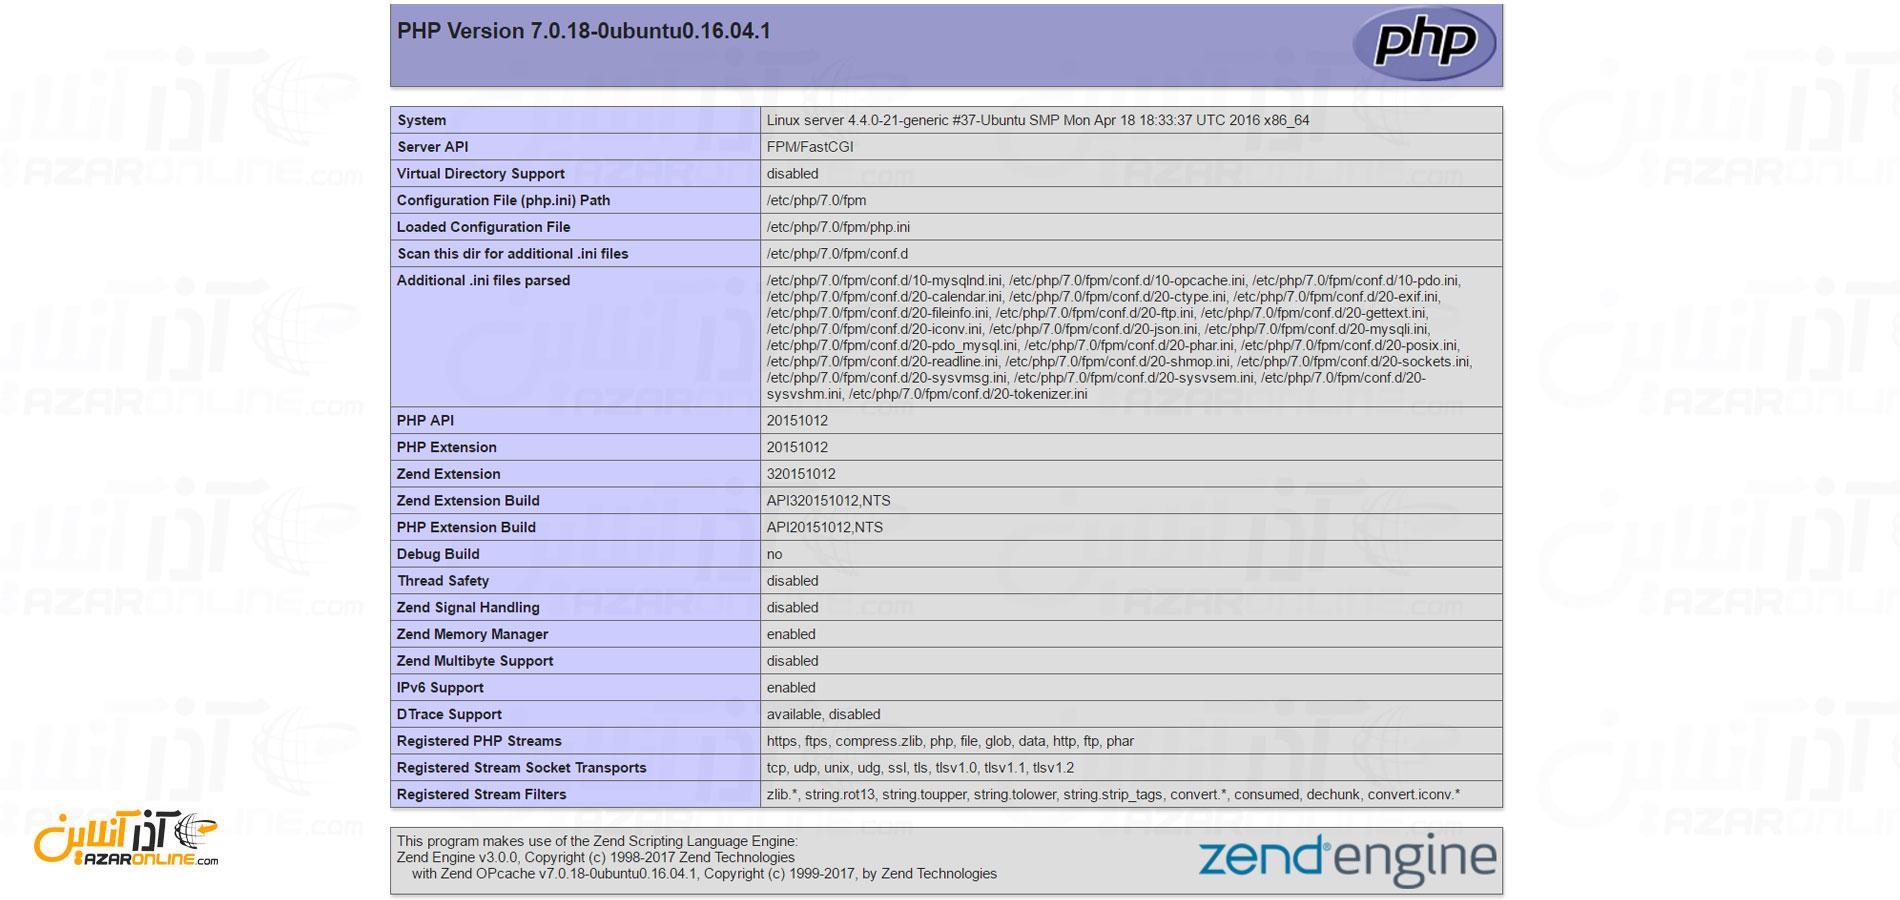 تست نصب و کارکرد php در nginx - آموزش نصب LEMP در ابونتو 16